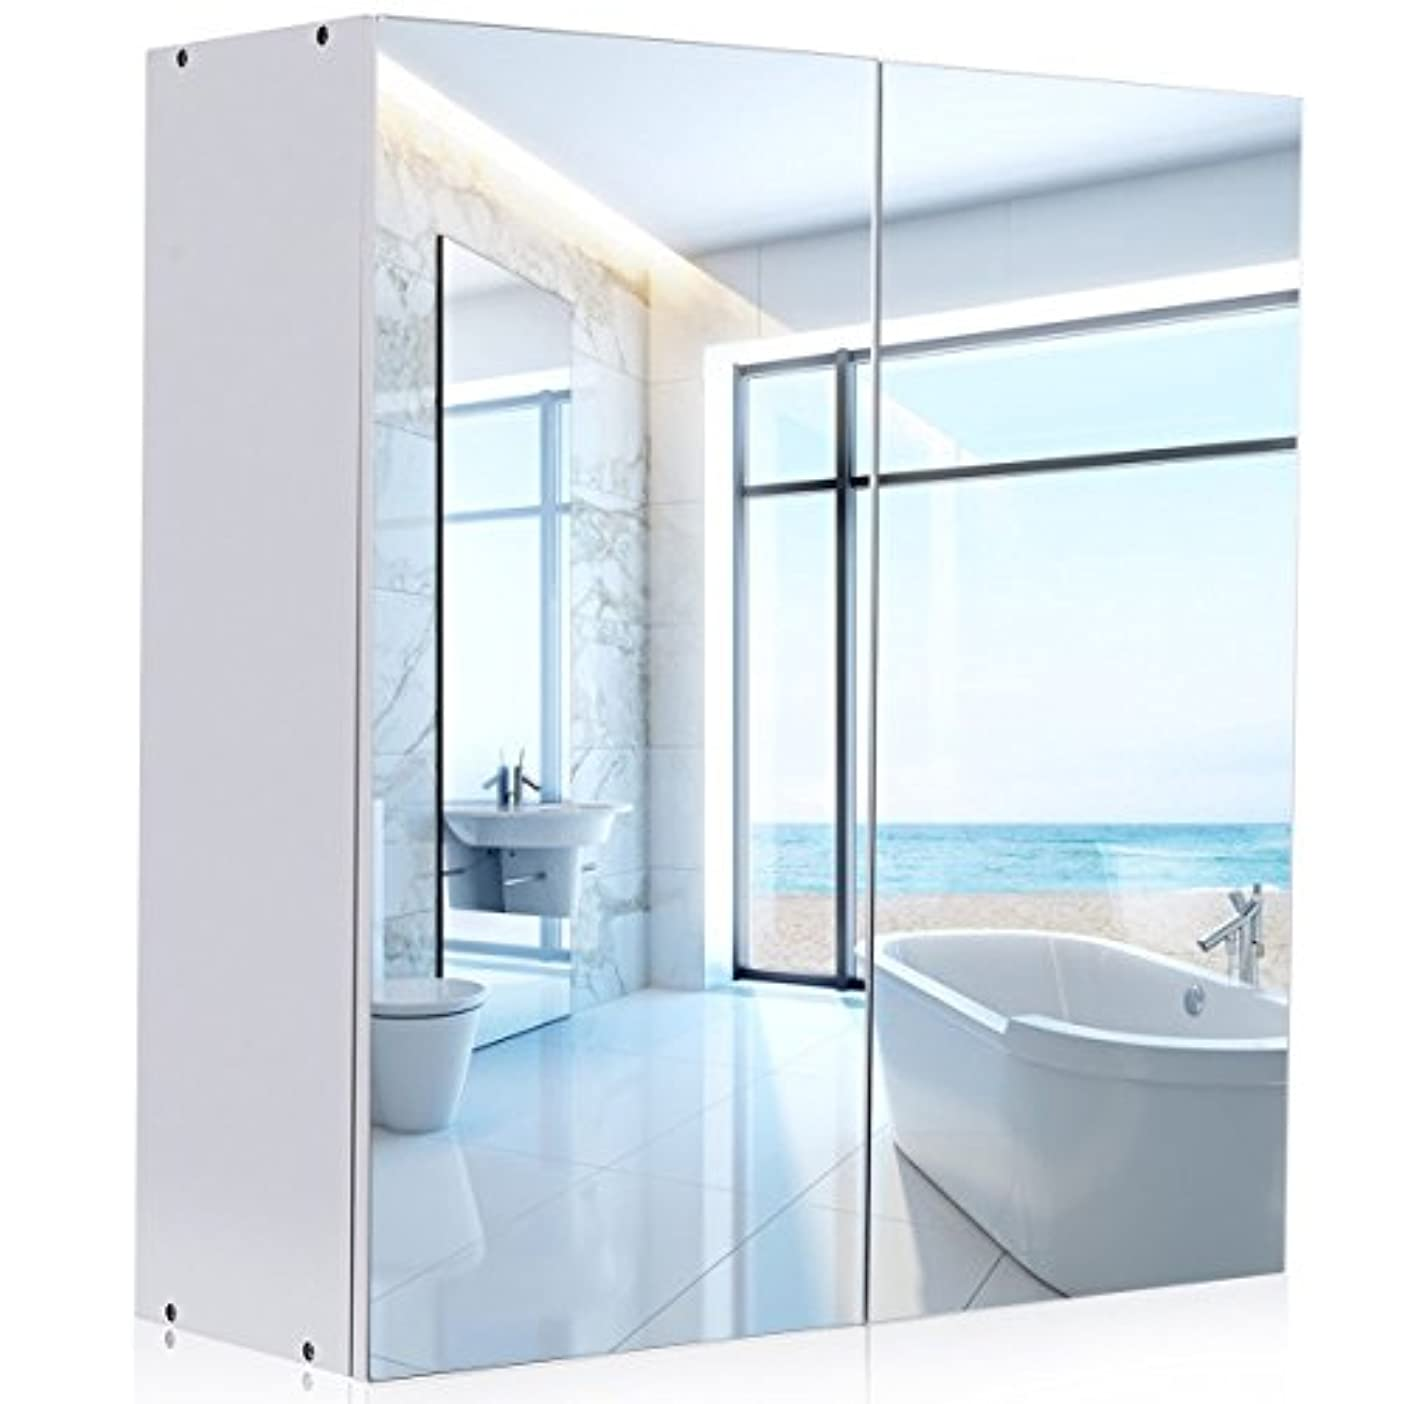 バンク預言者マッシュWATERJOY ミラーキャビネット 壁取り付け式 浴室 鏡付き薬棚 鏡付きドア 棚 ホームファッション キャビネット食器棚 モダンなデザイン ホワイト